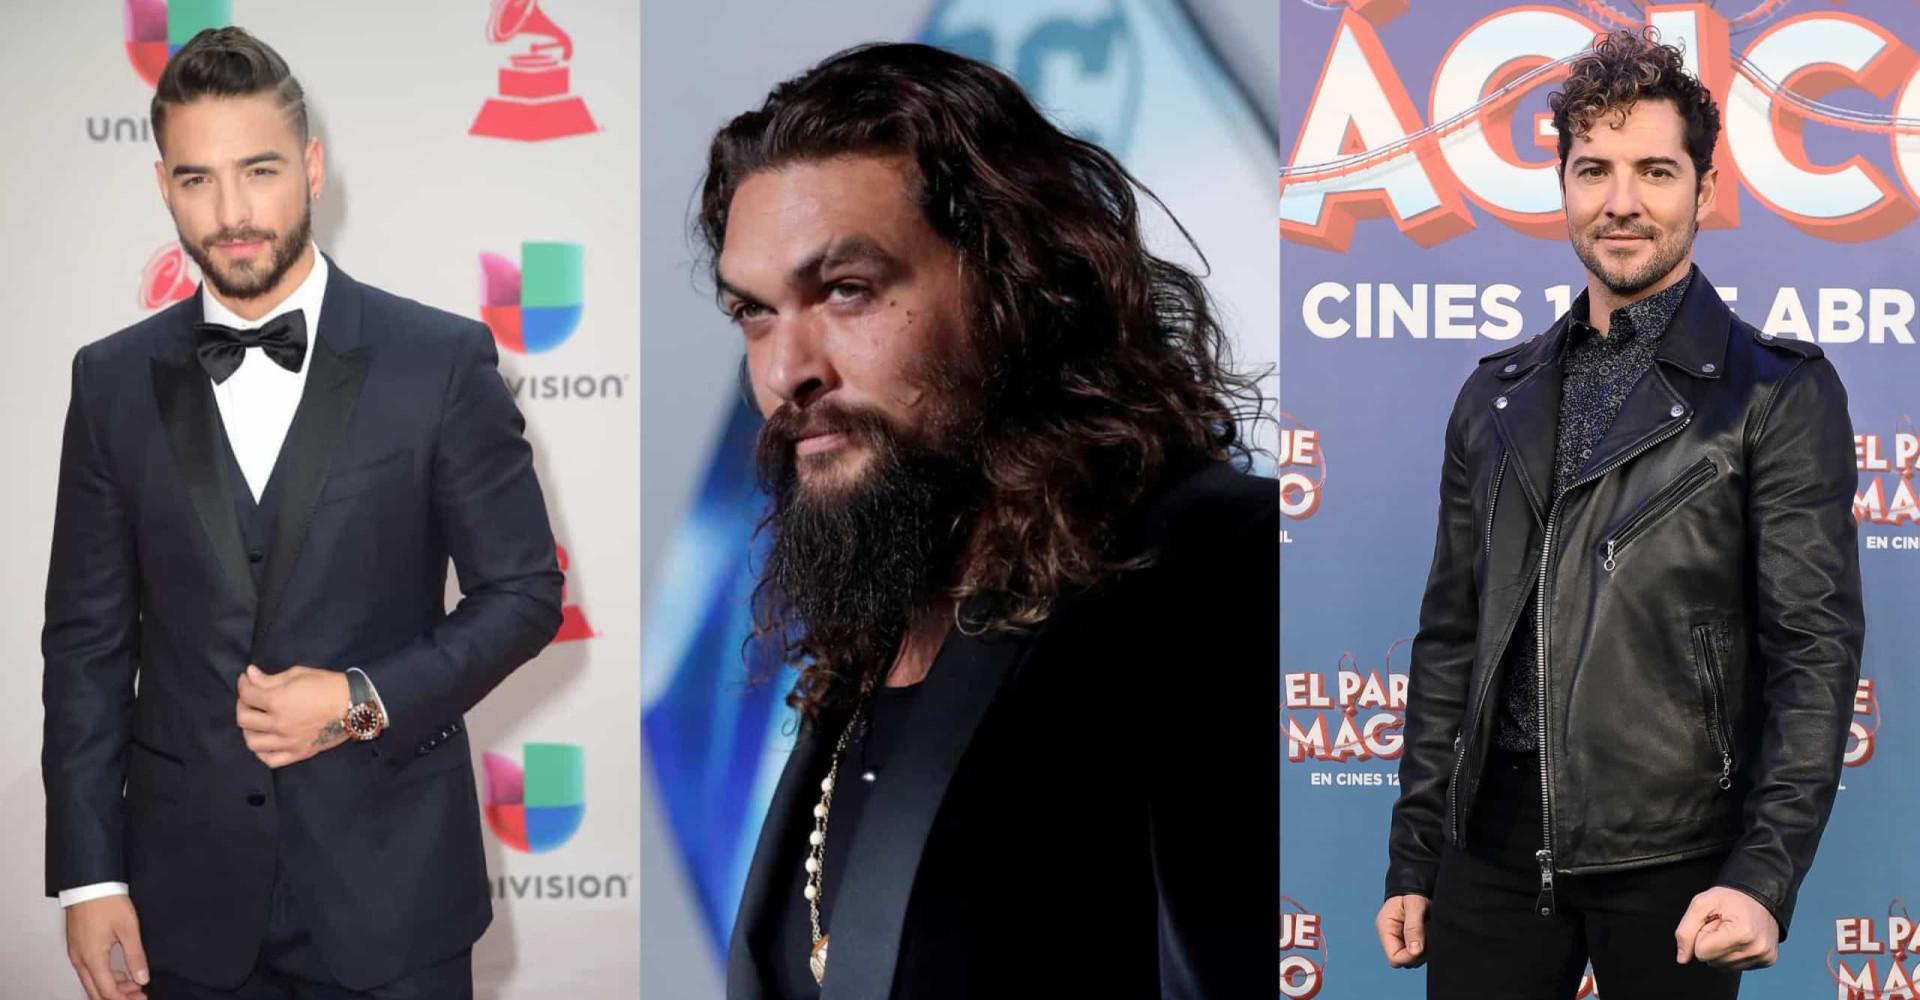 Vidste du, at disse Hollywoodstjerner også er aktivister?